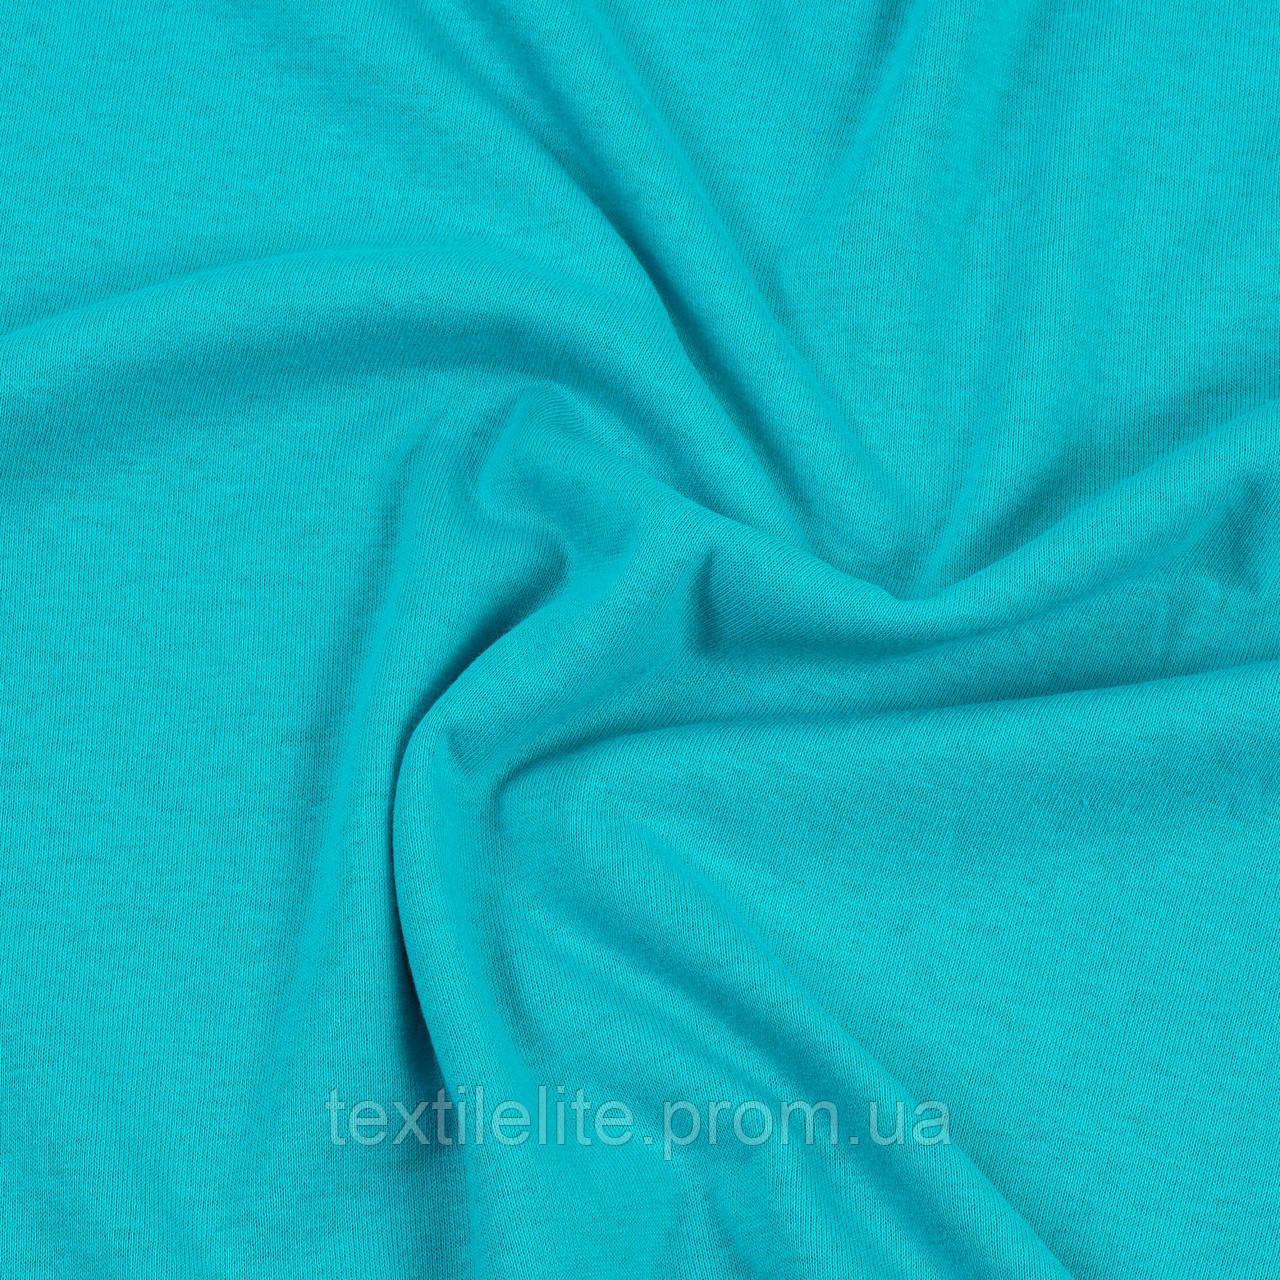 Кулирка ткань трикотажная в рулонах оптом, цвет-мятный, хлопок 100%, Турция